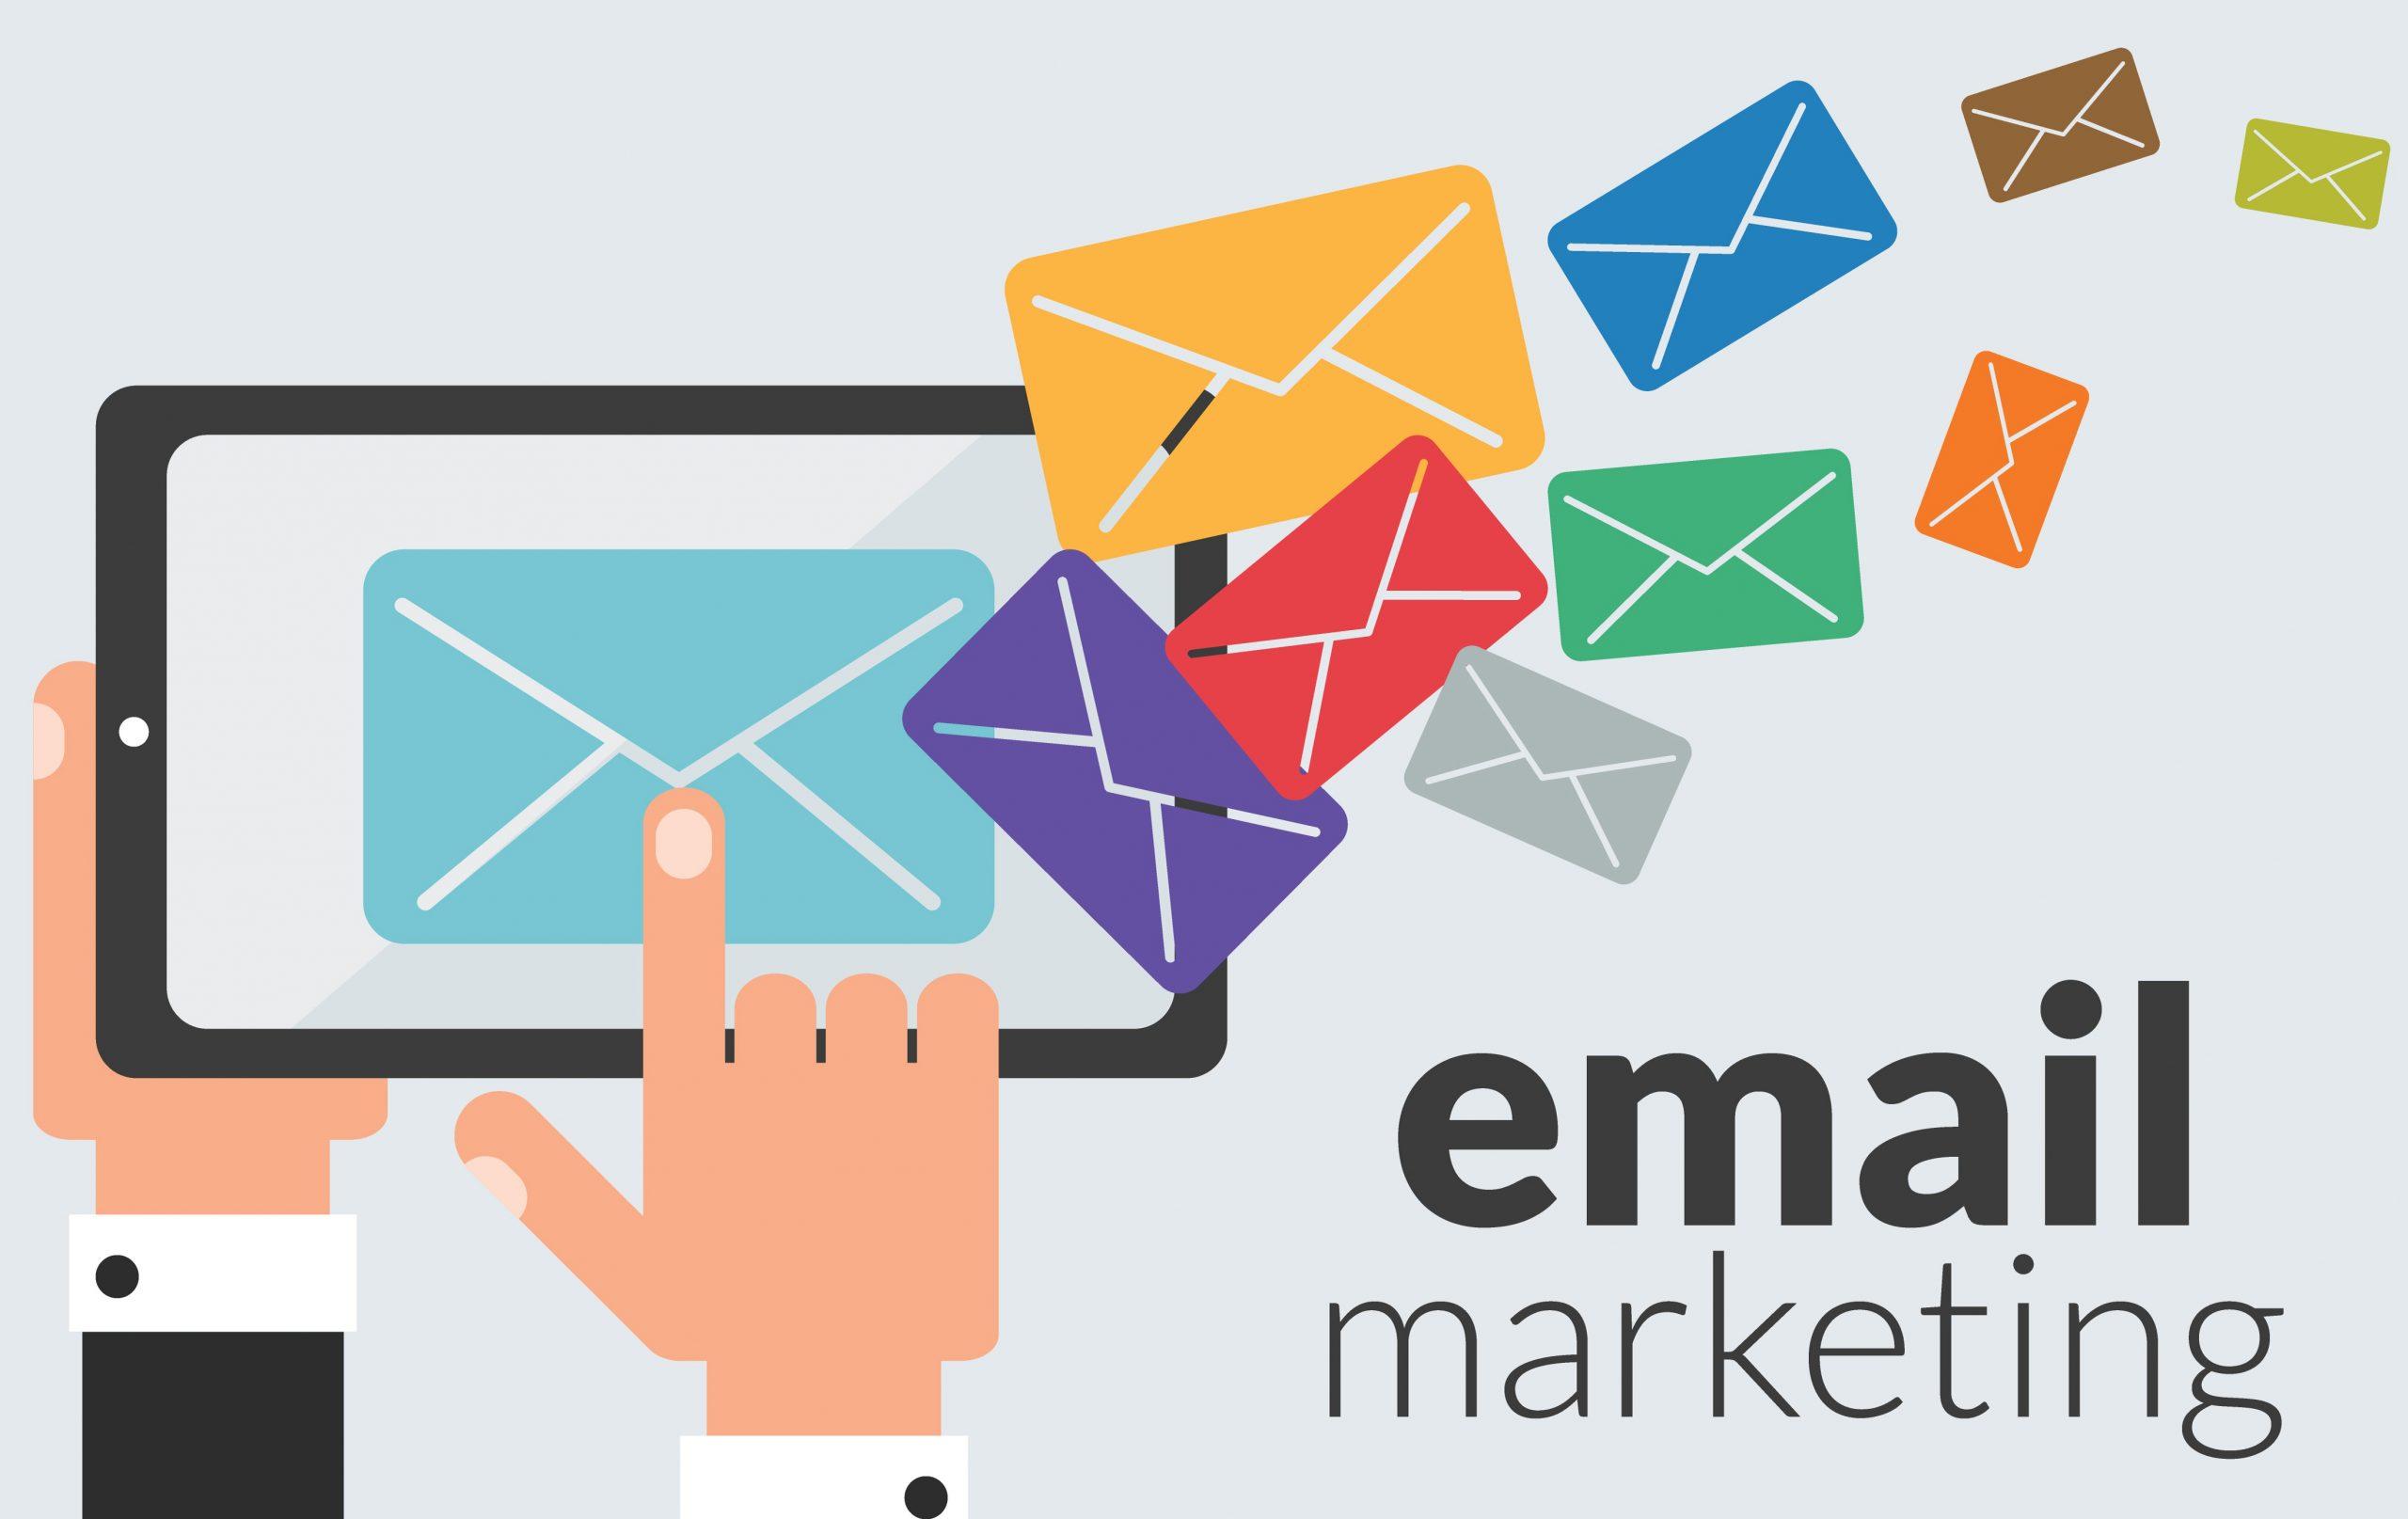 Làm thế nào để có được chiến dịch email marketing hiệu quả